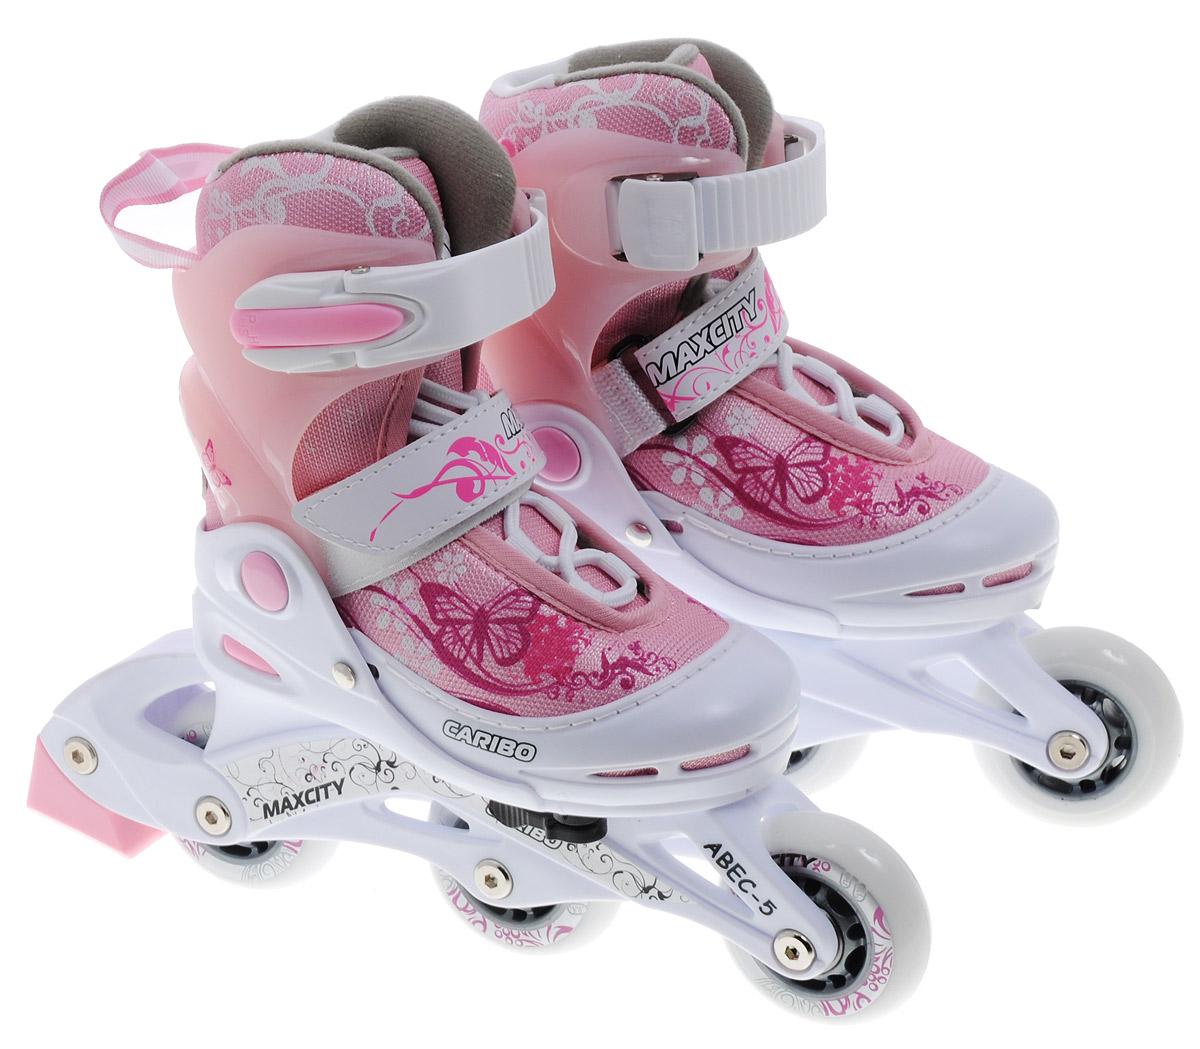 Комплект MaxCity Caribo Combo Girl: коньки роликовые раздвижные, защита, шлем, цвет: розовый, белый. Размер 34/37CARIBOСтильный комплект Caribo Combo от MaxCity состоит из раздвижных роликовых коньков, шлема и защиты (наколенники, налокотники, защита запястий) и оформлен ярким оригинальным принтом. Комплект предназначен для детей и начинающих роллеров. Ботинок конька изготовлен из комбинированных синтетических и полимерных материалов, обеспечивающих максимальную вентиляцию ноги. Анатомически облегченная конструкция ботинка из пластика обеспечивает улучшенную боковую поддержку и полный контроль над движением. Подкладка из мягкого текстиля комфортна при езде. Стелька Hi Dri из ЭВА с бактериальным покрытием обеспечивает комфорт, амортизацию и предотвращает появление запаха. Классическая шнуровка обеспечивает отличную фиксацию на ноге. Также модель оснащена ремешком с липучкой на подъеме и на голенище - клипсой с фиксатором. Пластиковая рама почти не уступает в прочности металлической, но амортизирует не только усилие ноги, но и неровности дорожного покрытия, и не позволяет быстро разгоняться. Мягкие...